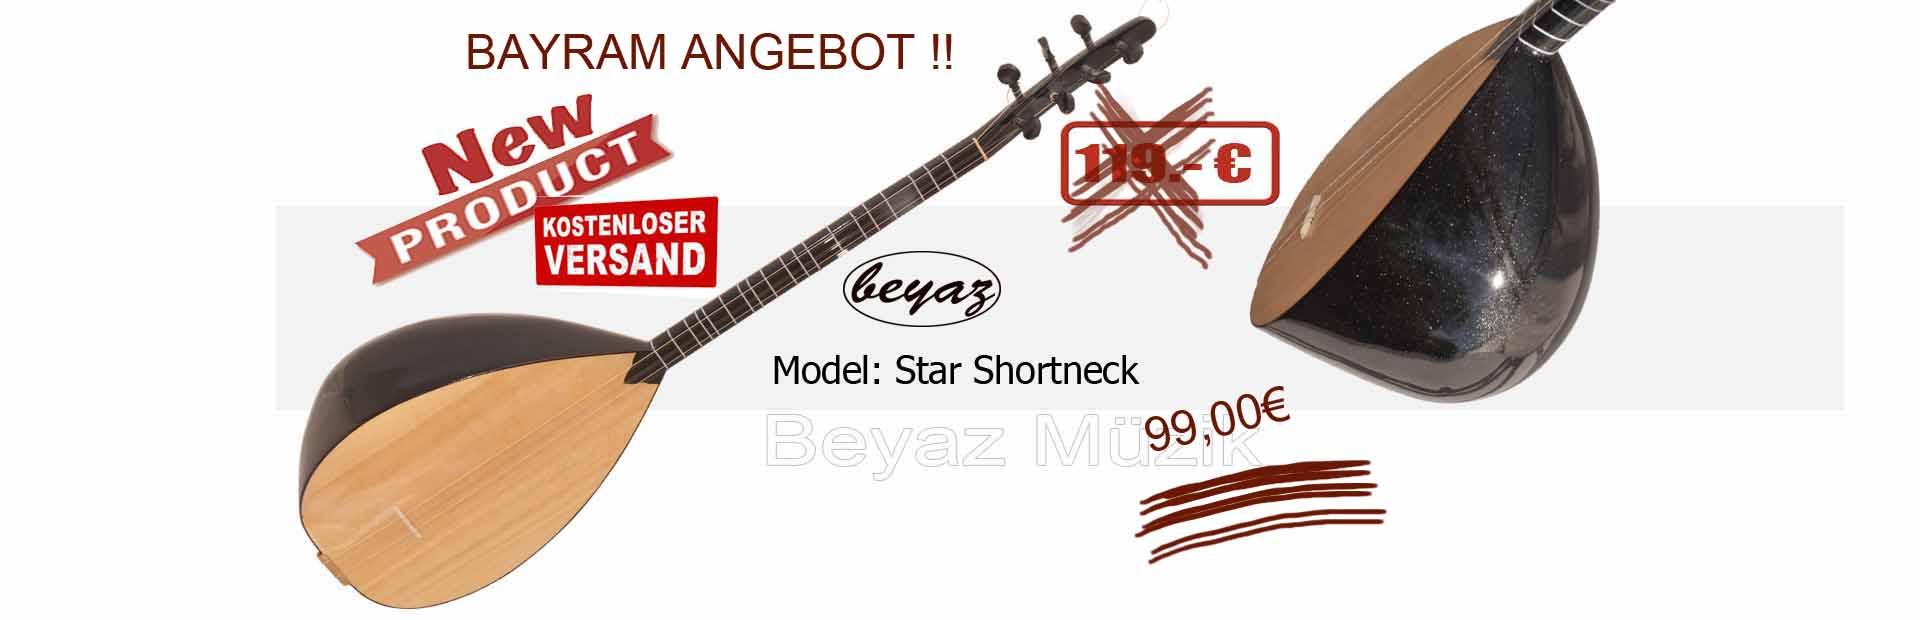 New Serie shortneck Model: Star